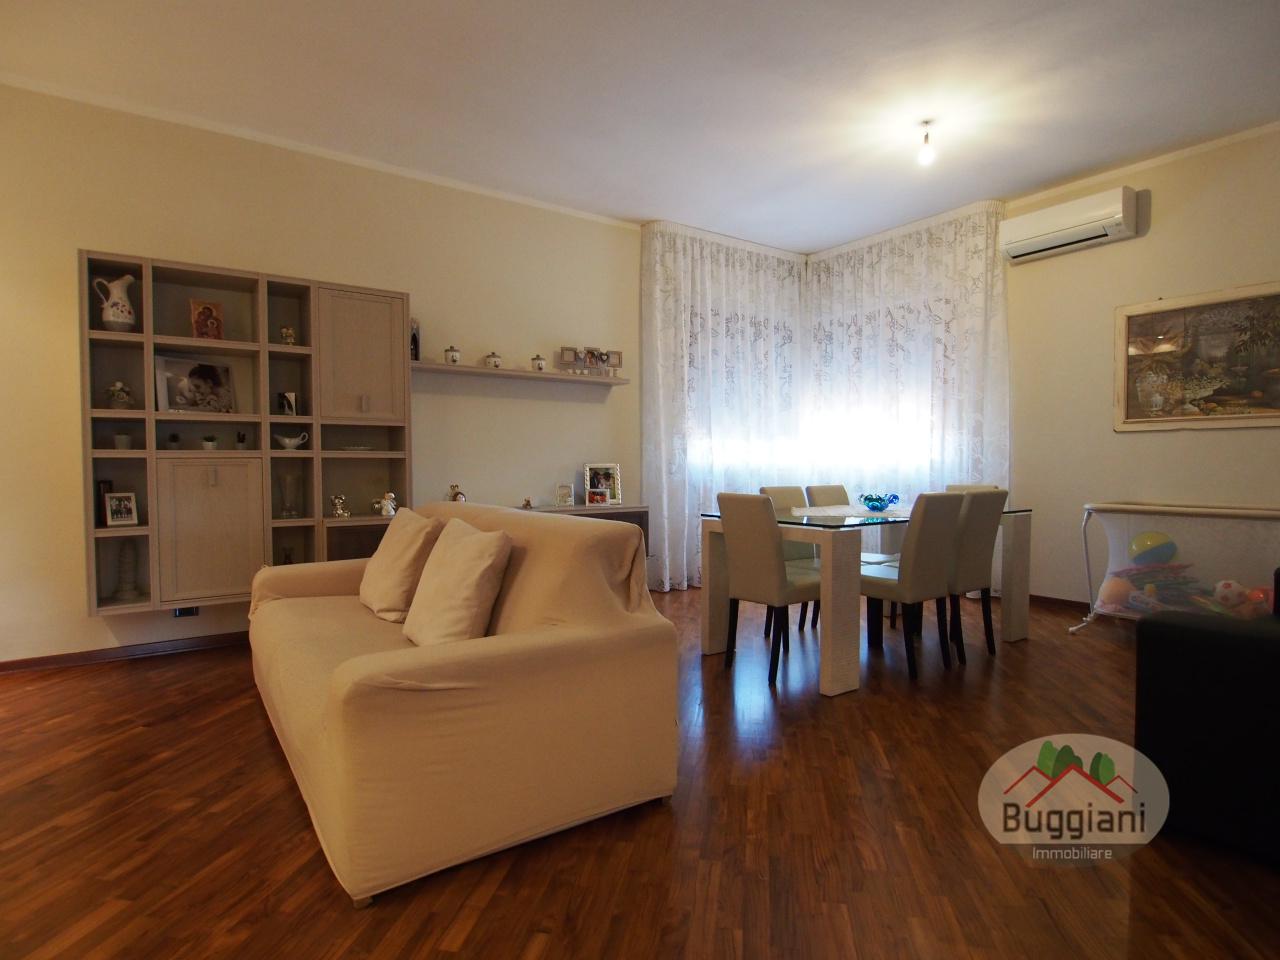 Appartamento in vendita RIF. 1885, San Miniato (PI)